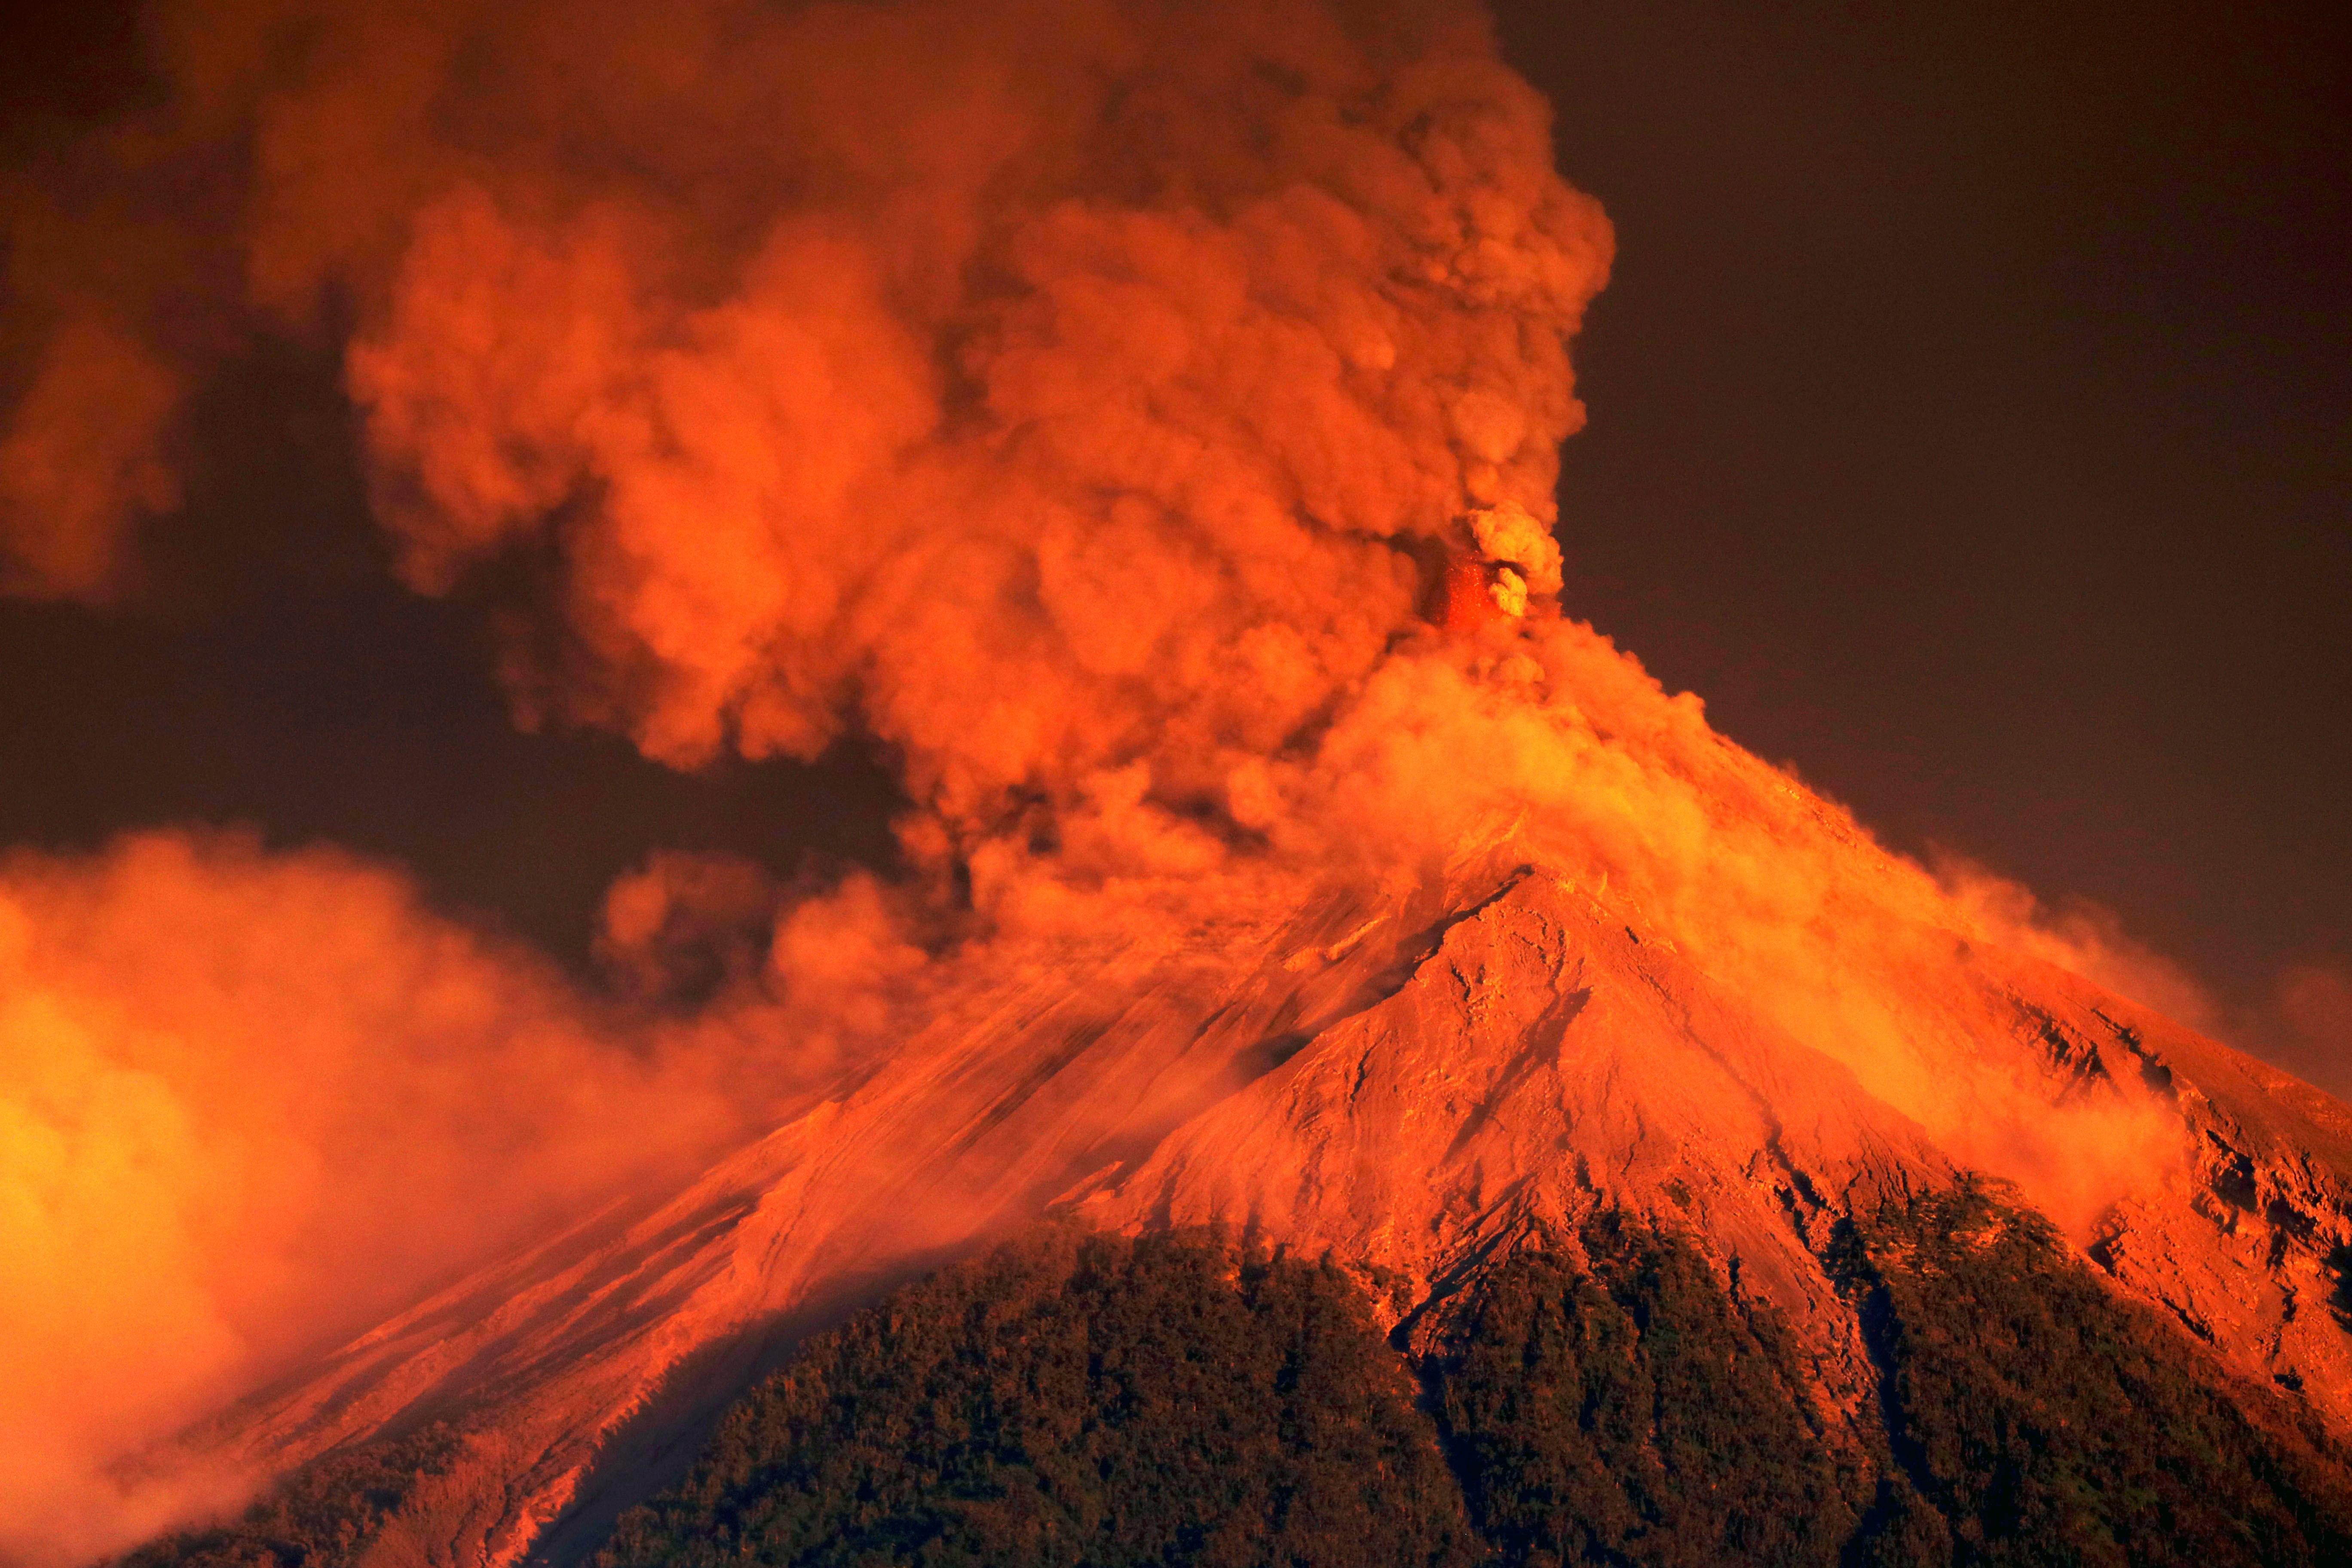 Erupcija vulkana Fuego u Gvatemali, evakuirano 4000 stanovnika